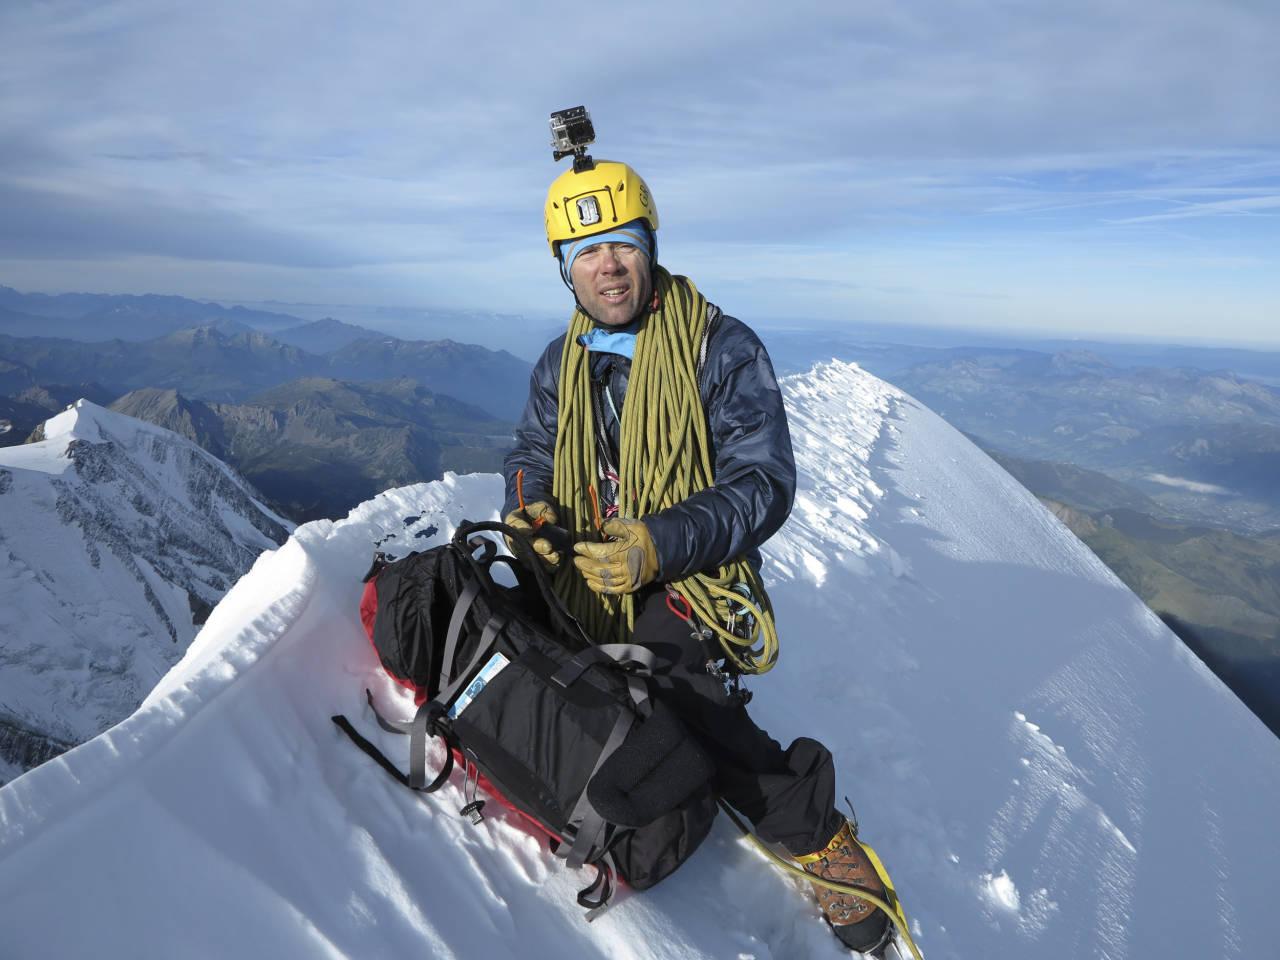 Bionassayryggen leder opp til Mont Blanc og byr på både fjellklatring og en spektakulær snørygg. Foto: Geir Moen